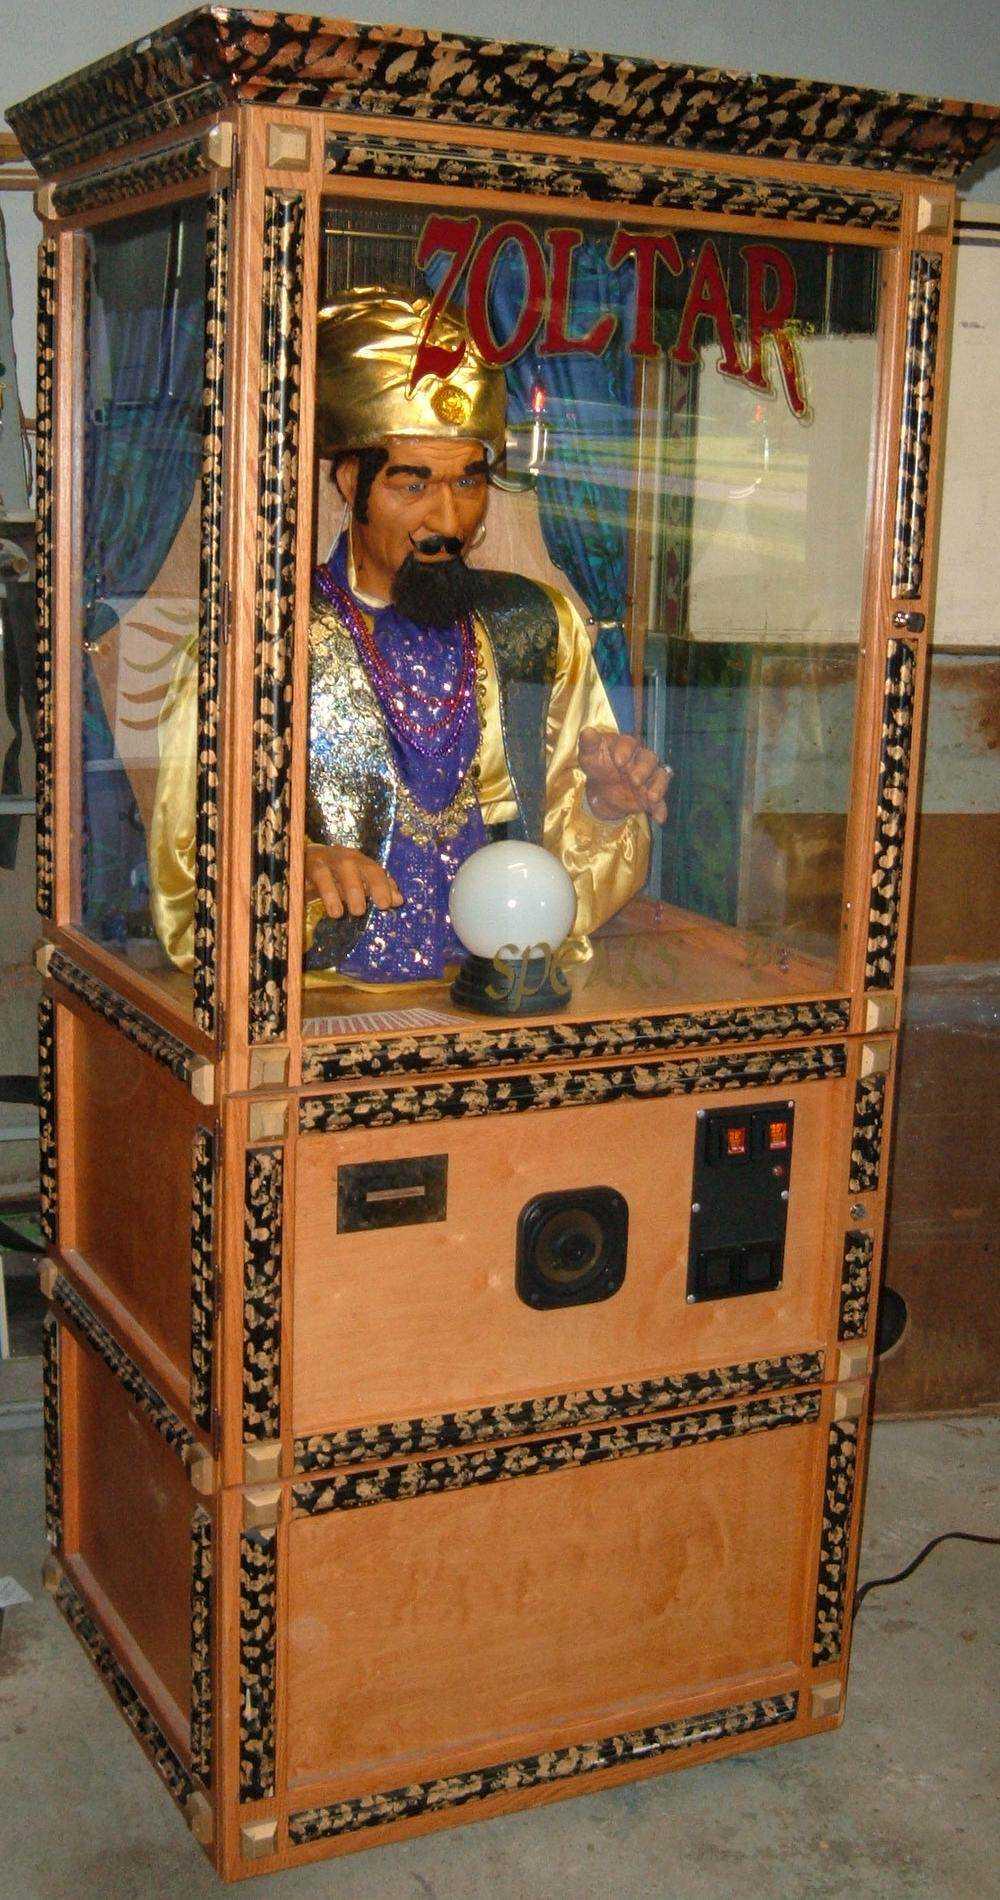 zoltar1 Médico automático: Uma máquina bizarra